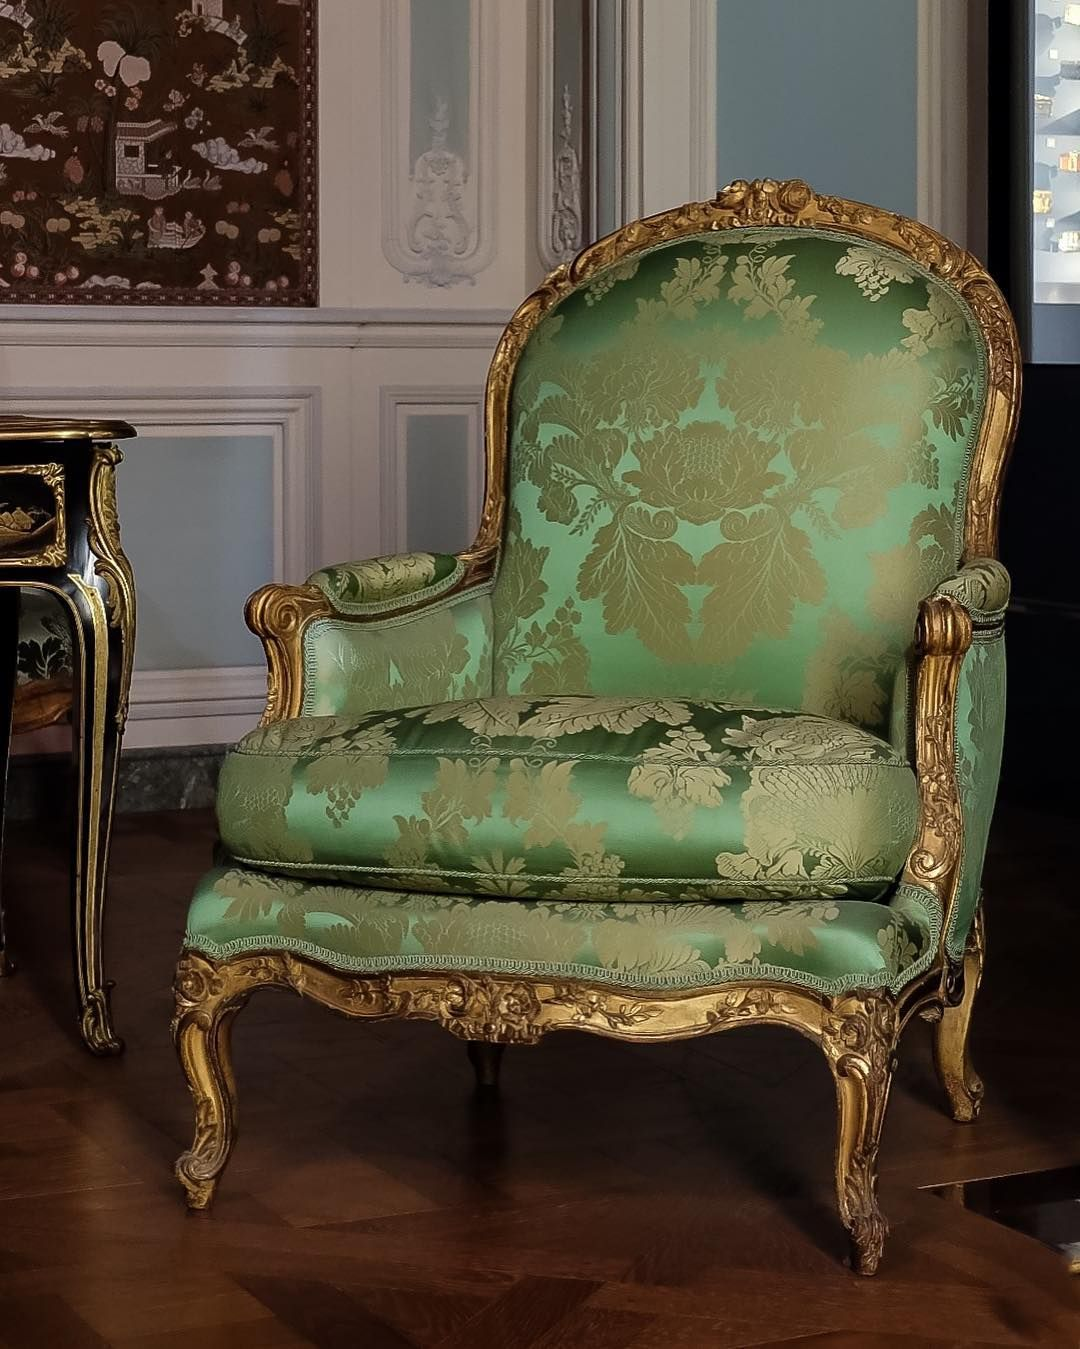 Jepsolell Musee Du Louvre Mobilier De Salon Fauteuil Classique Chaises Antiques